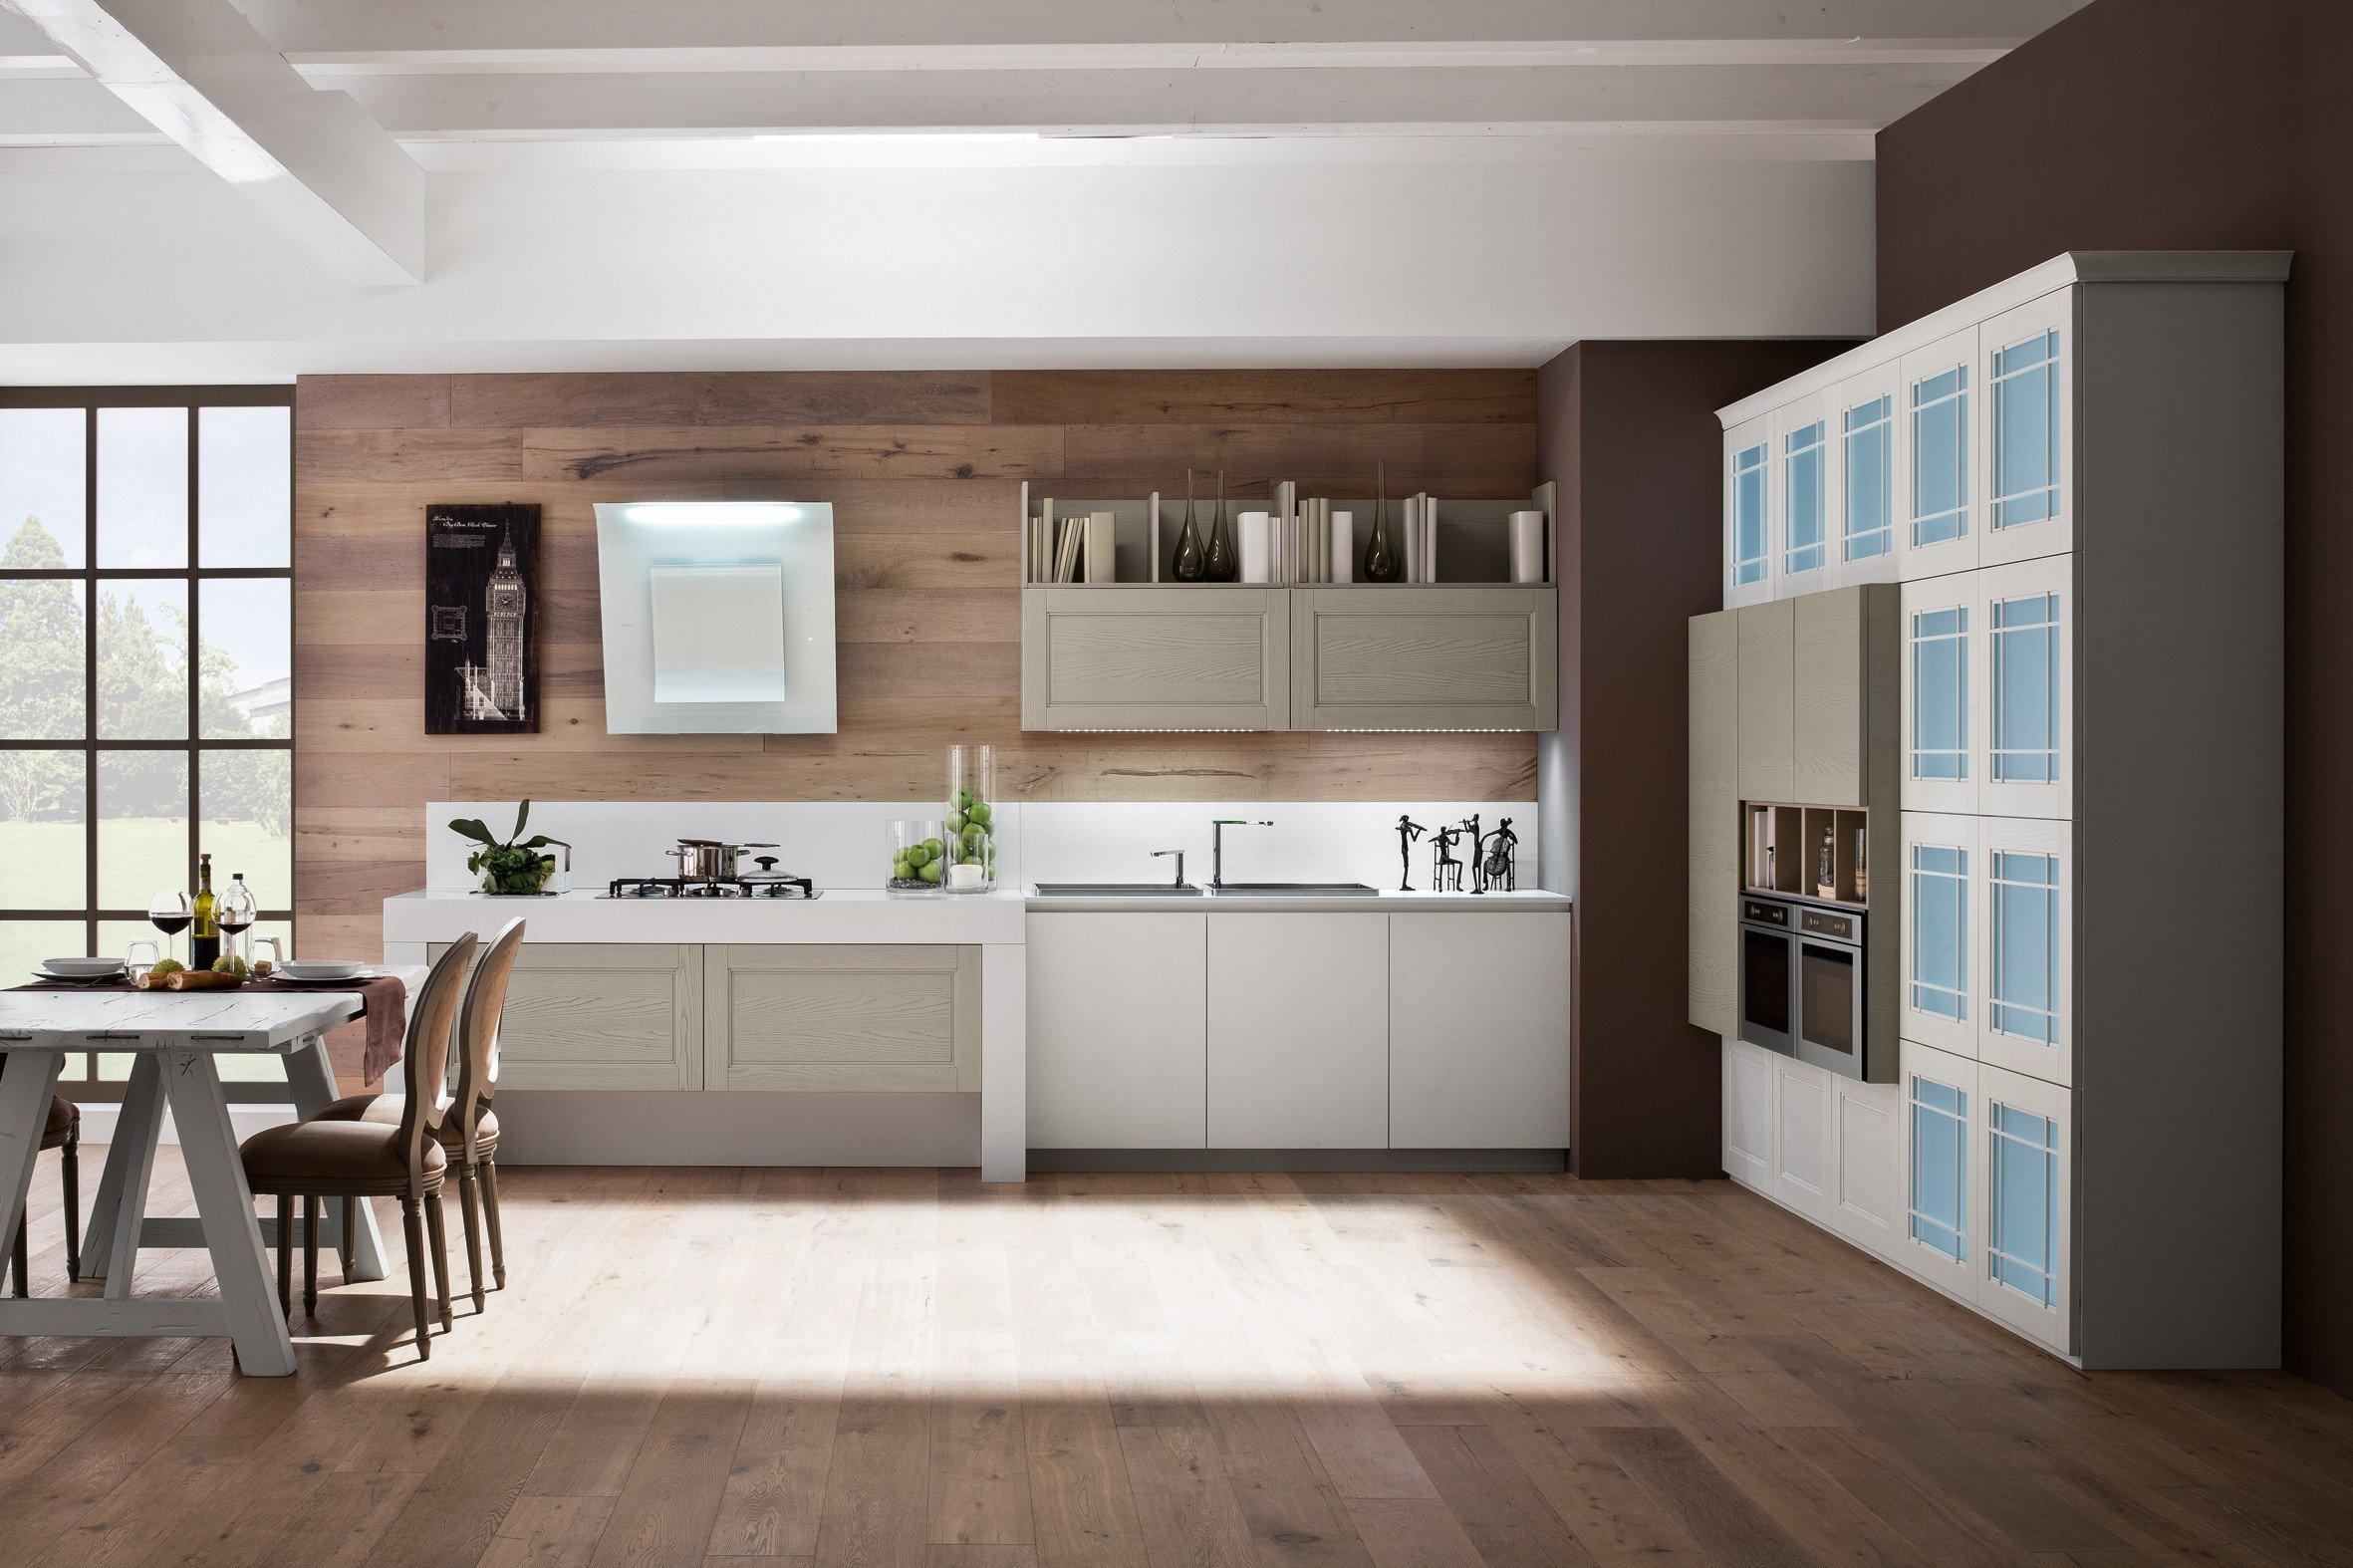 Come progettare una cucina con un effetto visivo articolato? - Cose ...